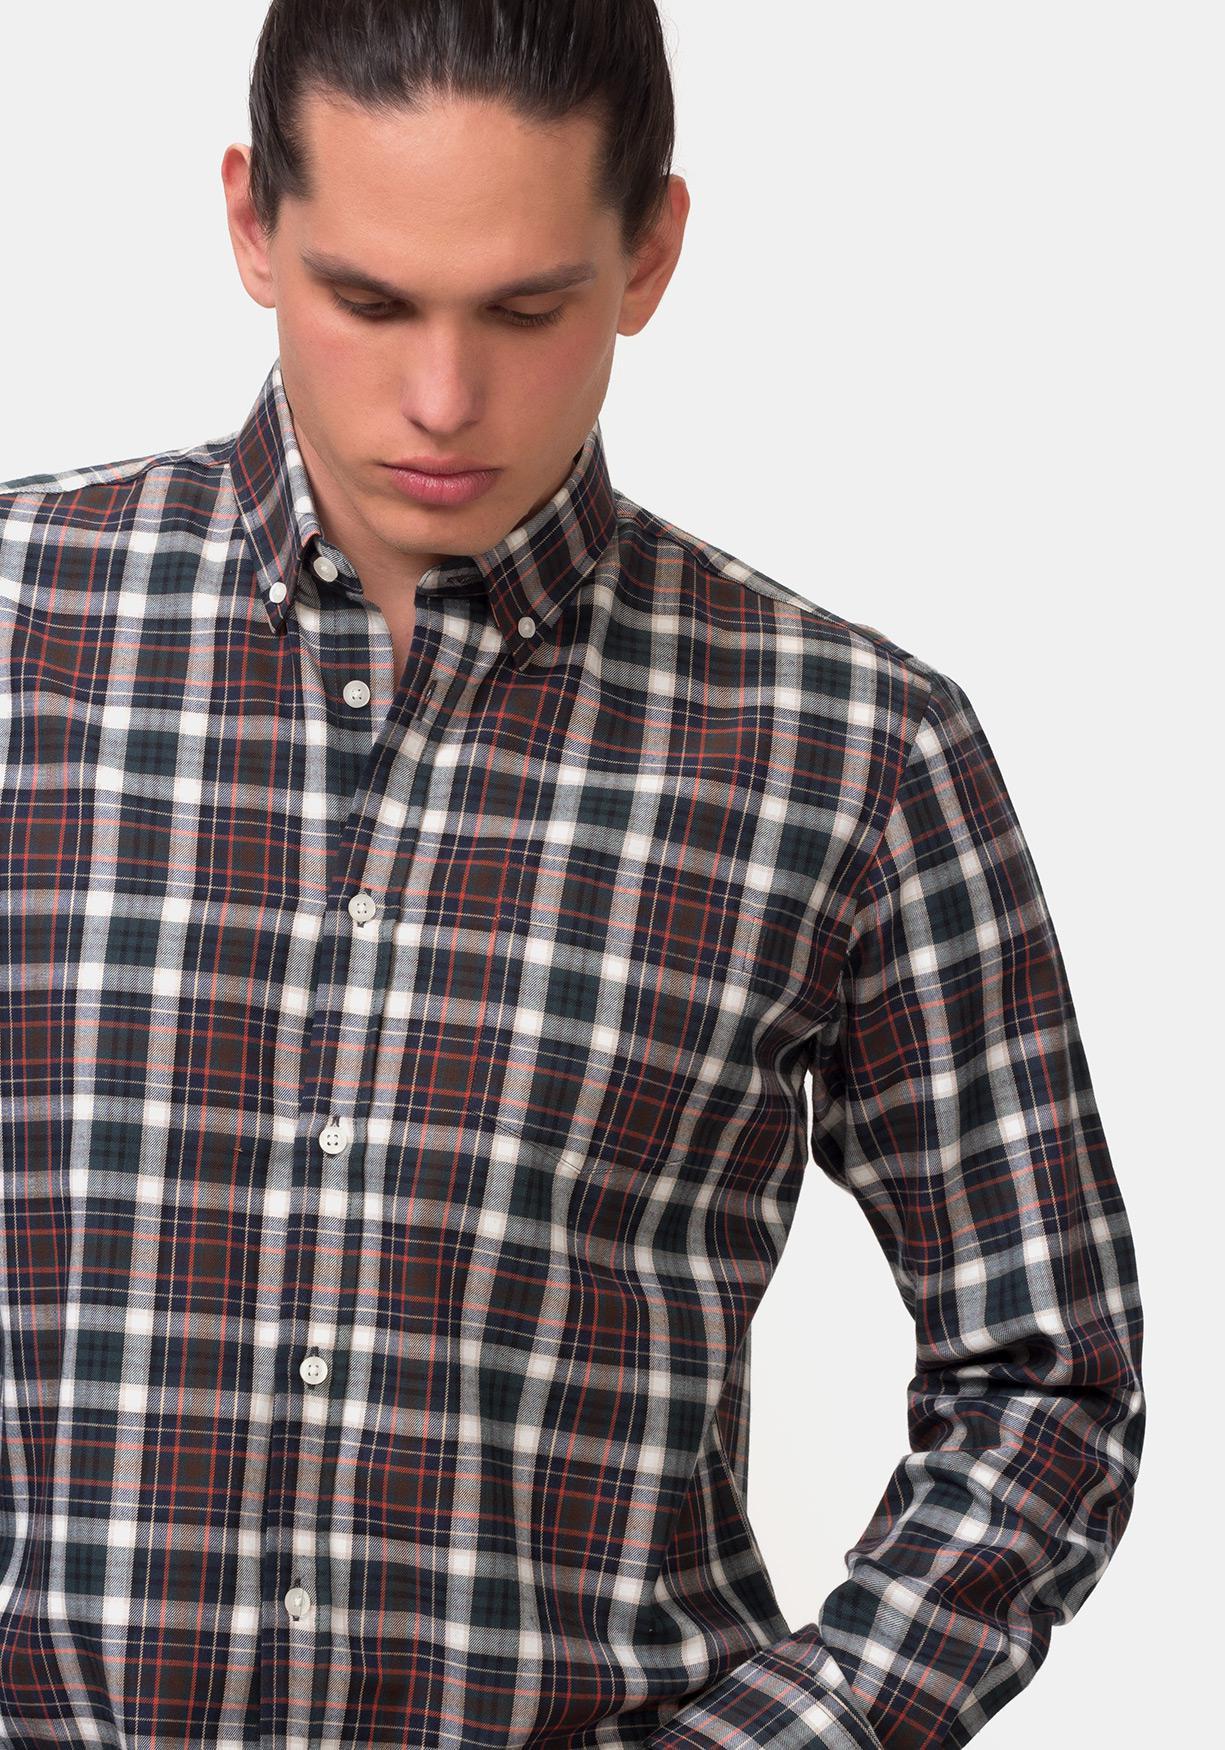 697a0eeb8 Ofertas en Moda - Tu tienda de ropa online en Carrefour TEX